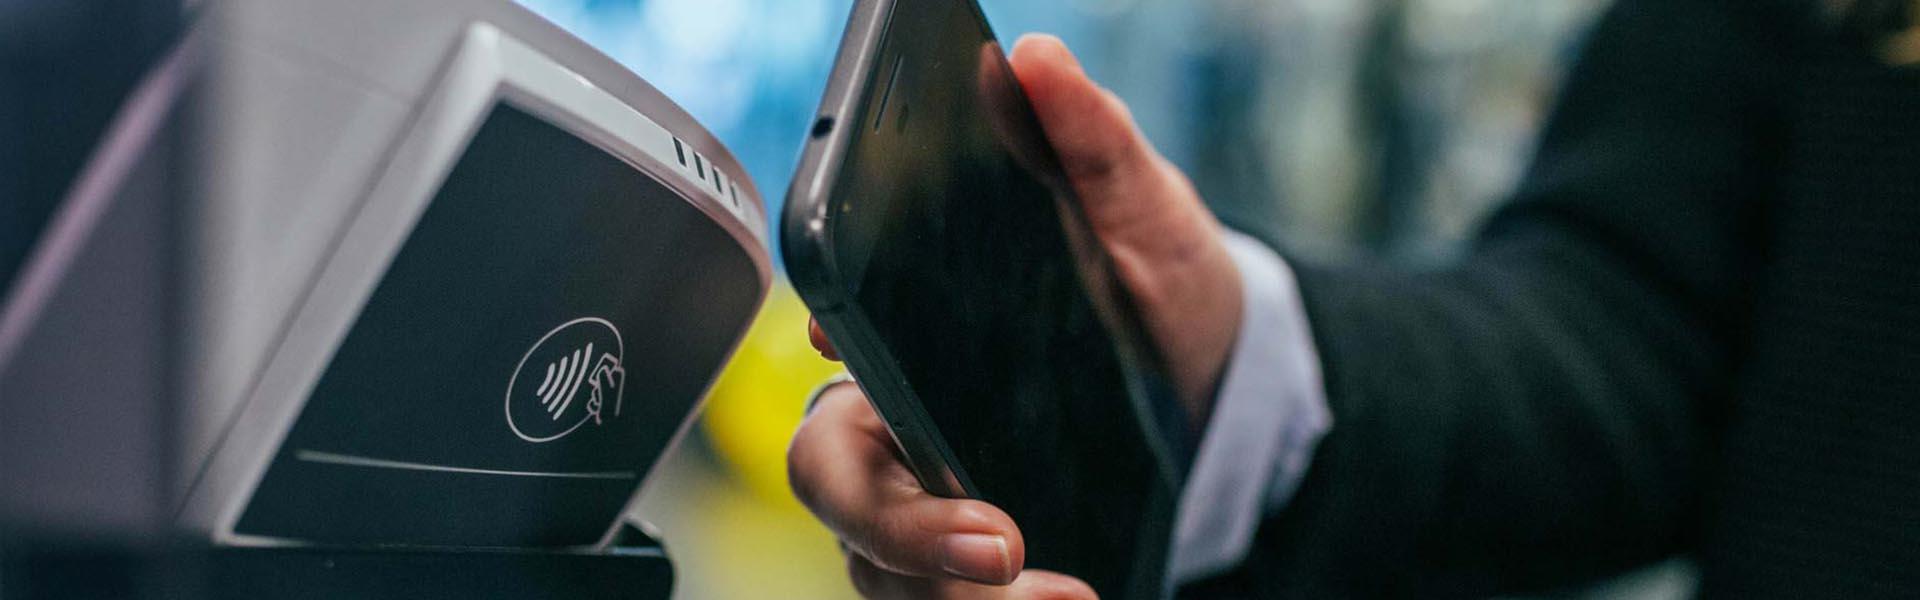 Mão de homem a segurar num smartphone enquanto passa por um gateway de pagamento